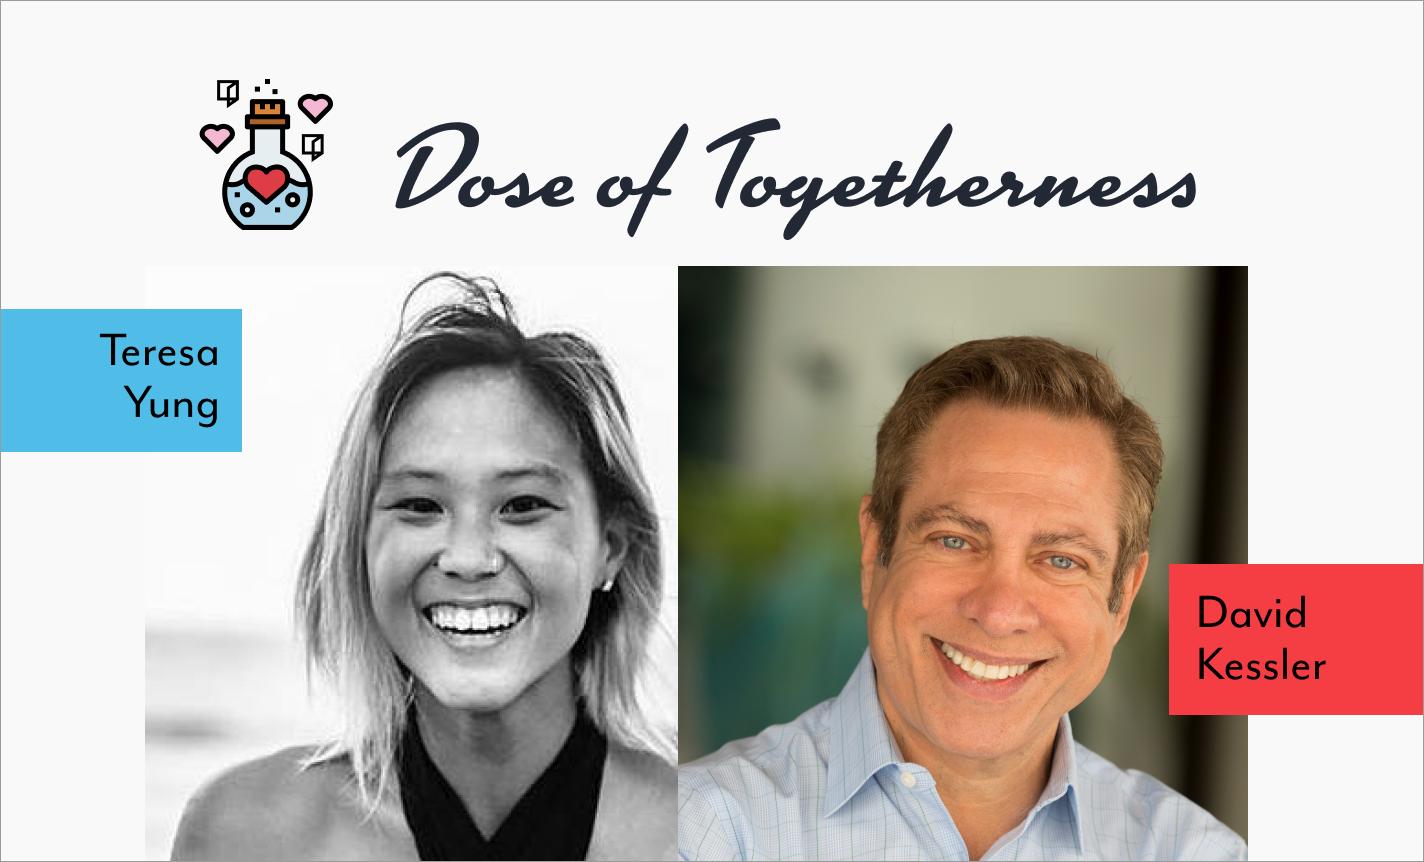 Dose of Togetherness with David Kessler